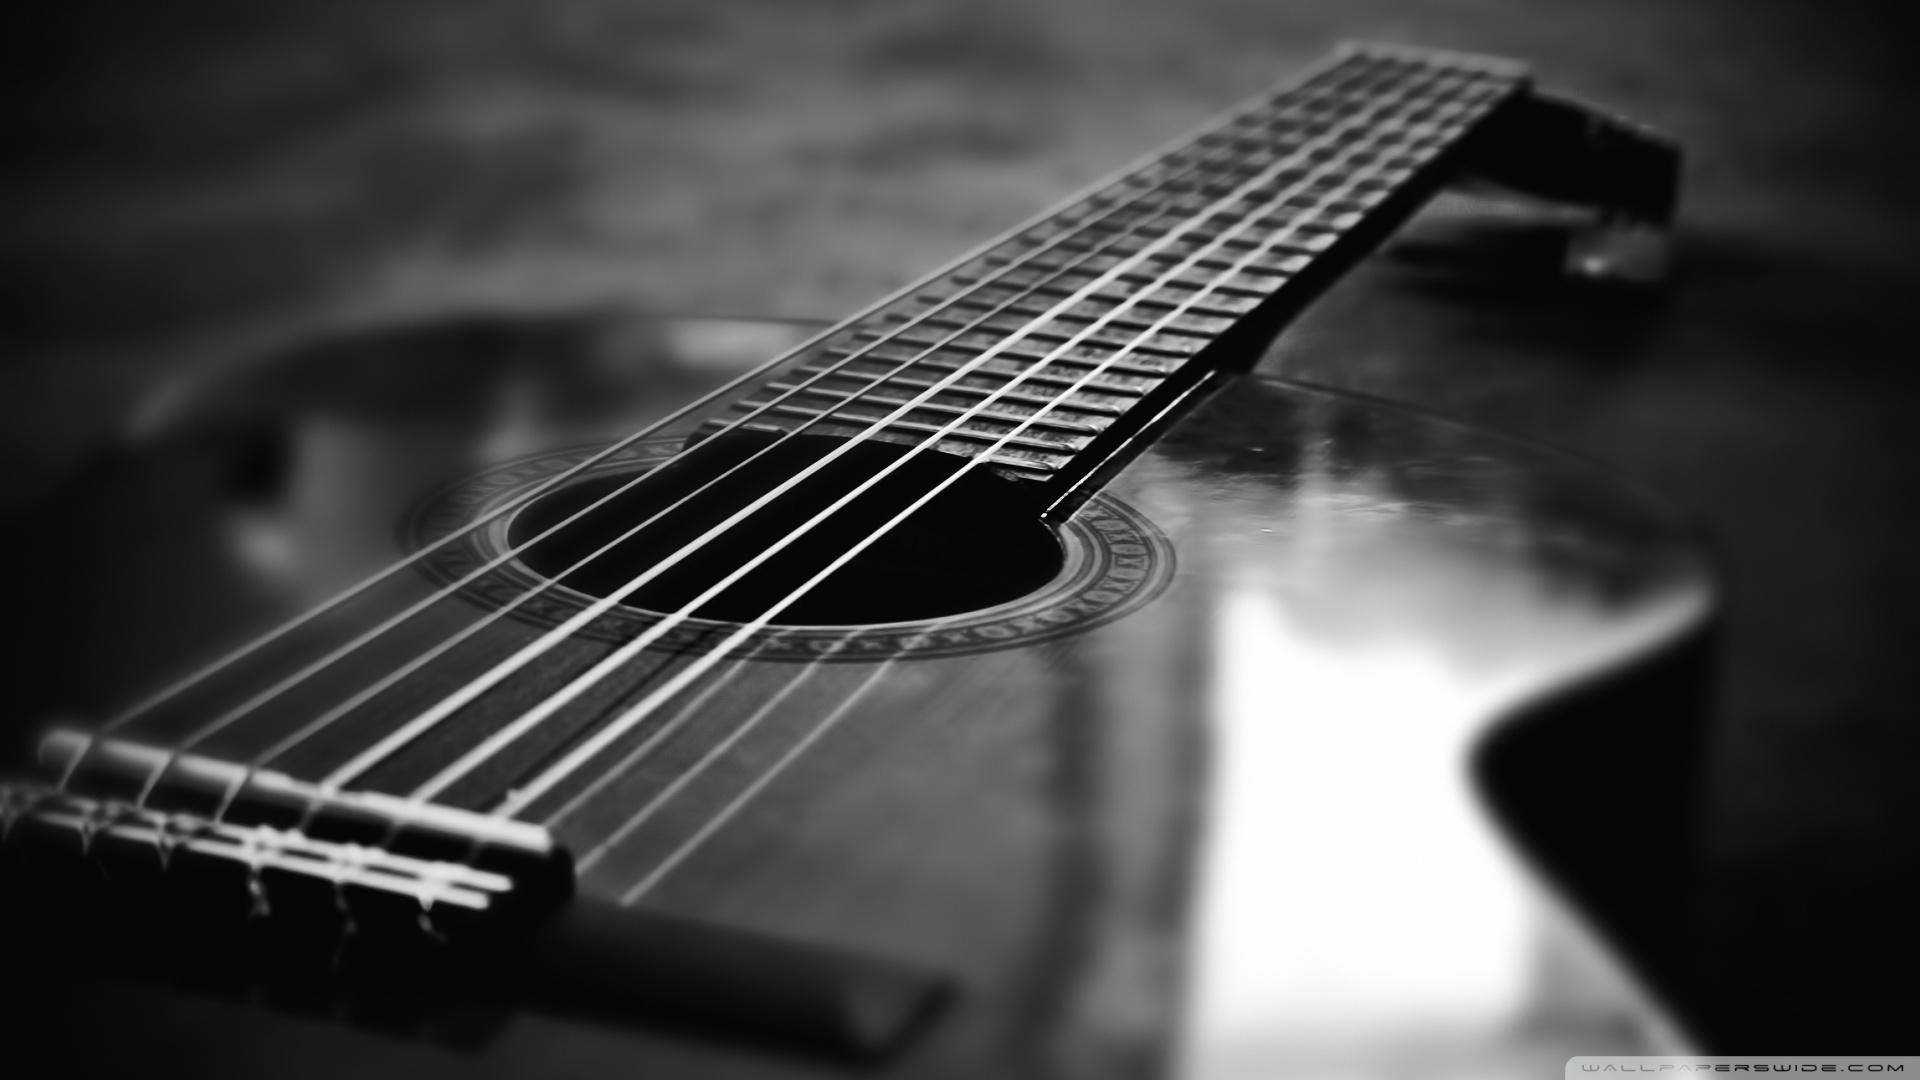 guitar 4k hd desktop